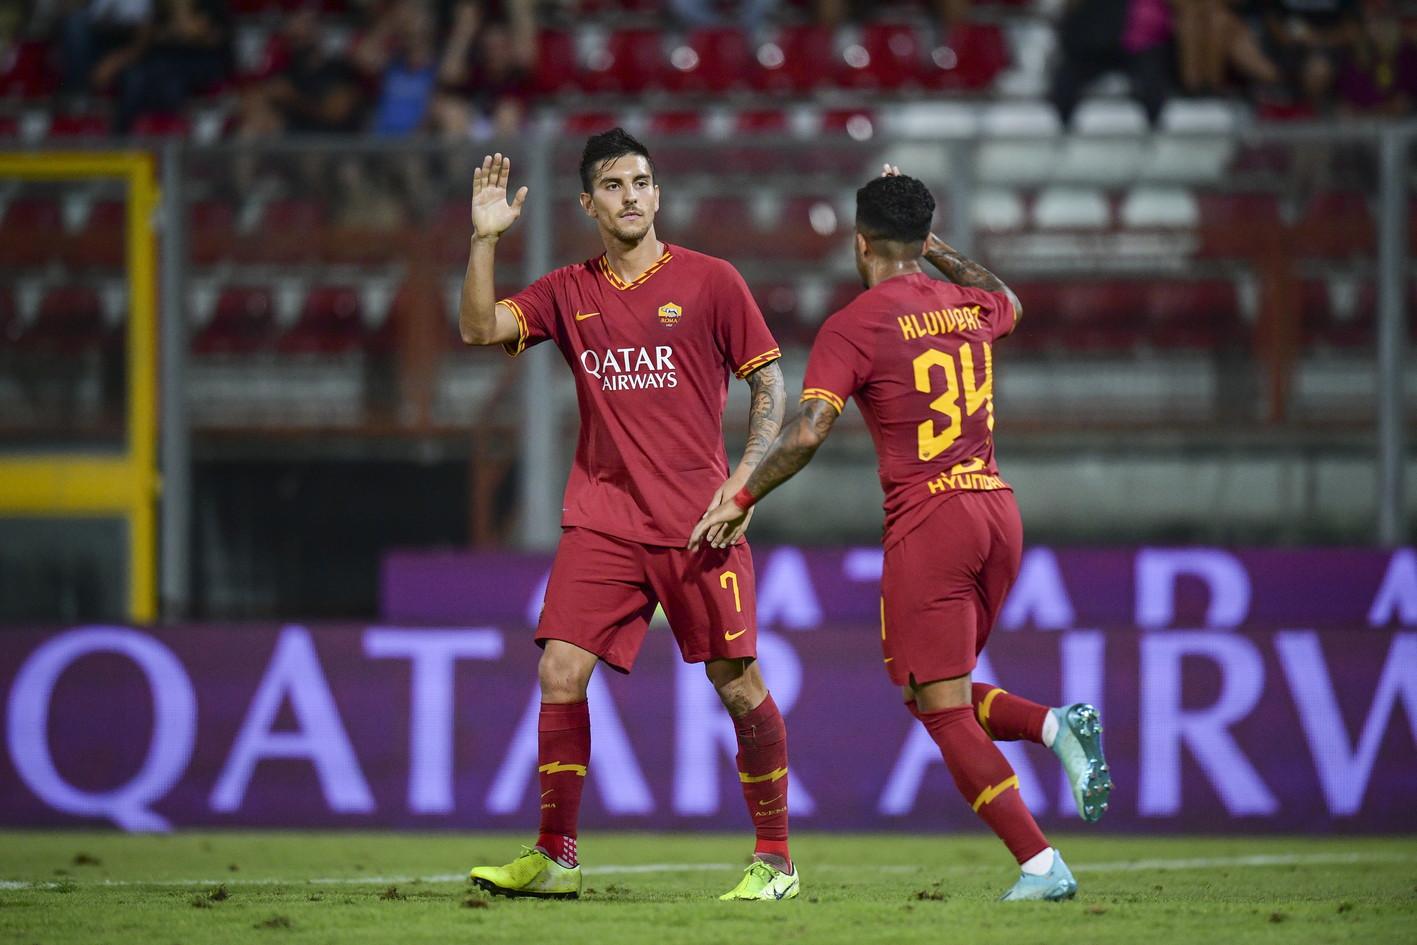 All'ottava amichevole, laRomasi ferma. Dopo sette vittorie, a Perugia i giallorossi pareggiano 2-2 contro l'AthleticBilbao. Grazie a un errore di Diawara, i baschi passano con Muniain (26'). Nel giro di due minuti la Roma pareggia con Kolarov (59') e si trova con l'uomo in più per il rosso a Berchiche, ma l'Athletic segna su rigore con Raul Garcia al 78'. Un penalty inesistente realizzato da Pellegrini (91') regala il pari alla squadra di Fonseca.